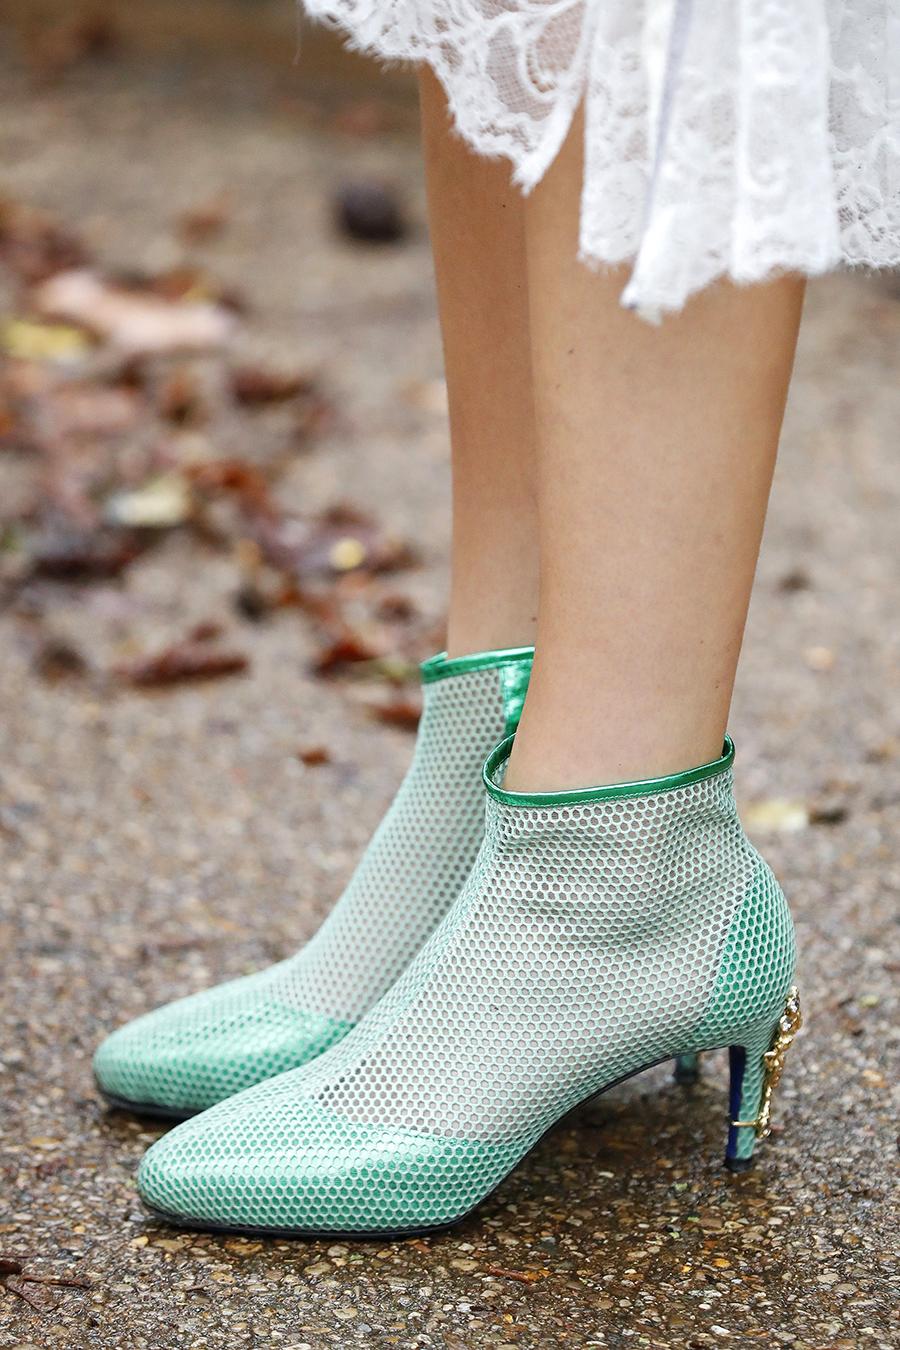 обувь весна 2021 туфли ботильоны ботинки яркие с перфорацией зеленые салатовые на каблуке